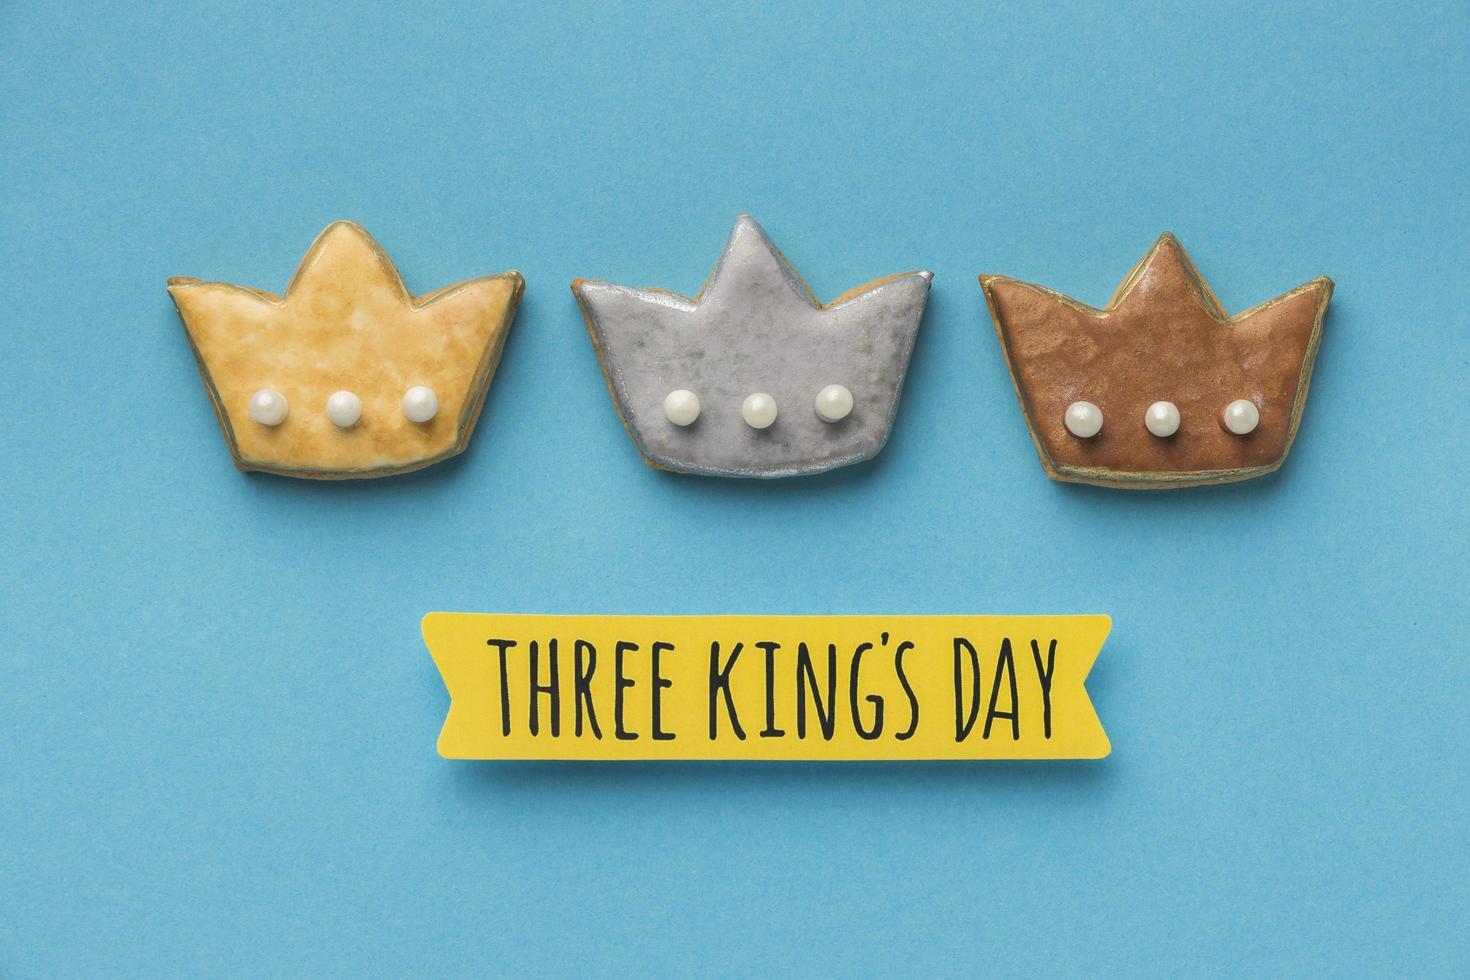 trois biscuits à la couronne pour le jour de l'épiphanie photo